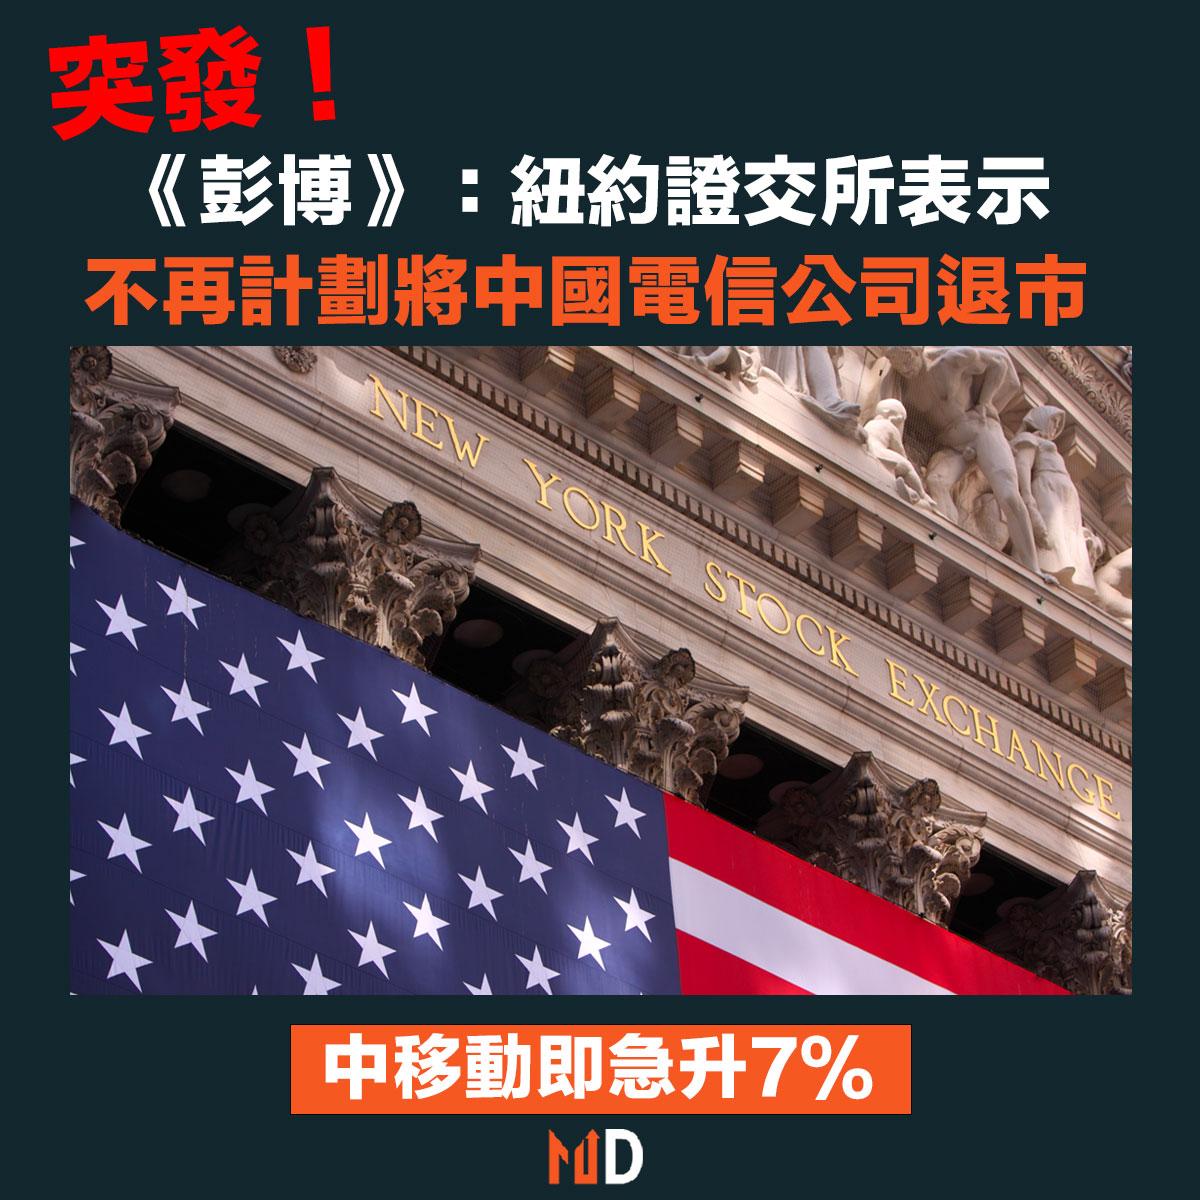 紐約證交所表示不再計劃將中國電信公司退市